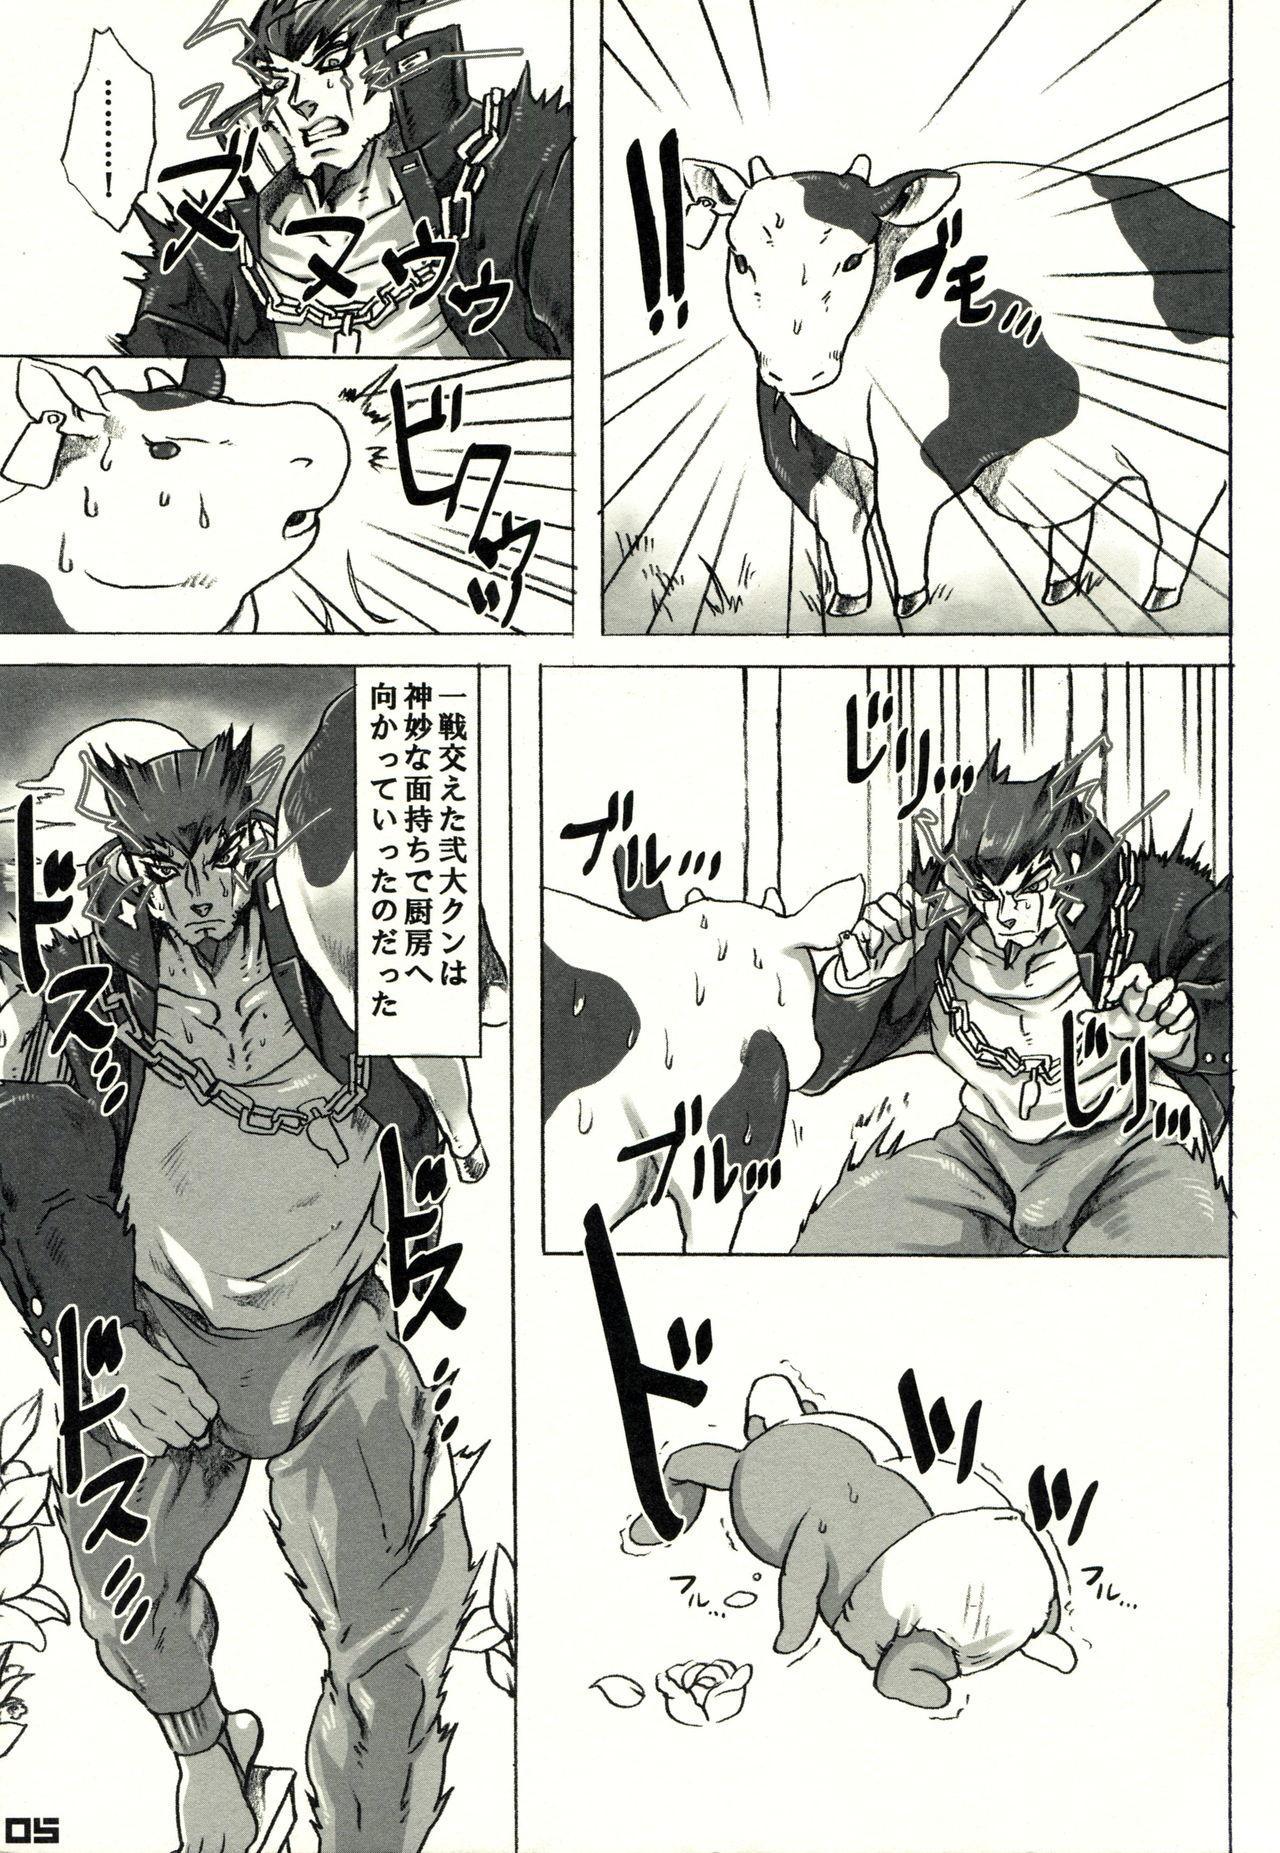 Nidai-kun ga Kuro ni Kimarimashita. Oshioki o Kaishi Shimasu. 3